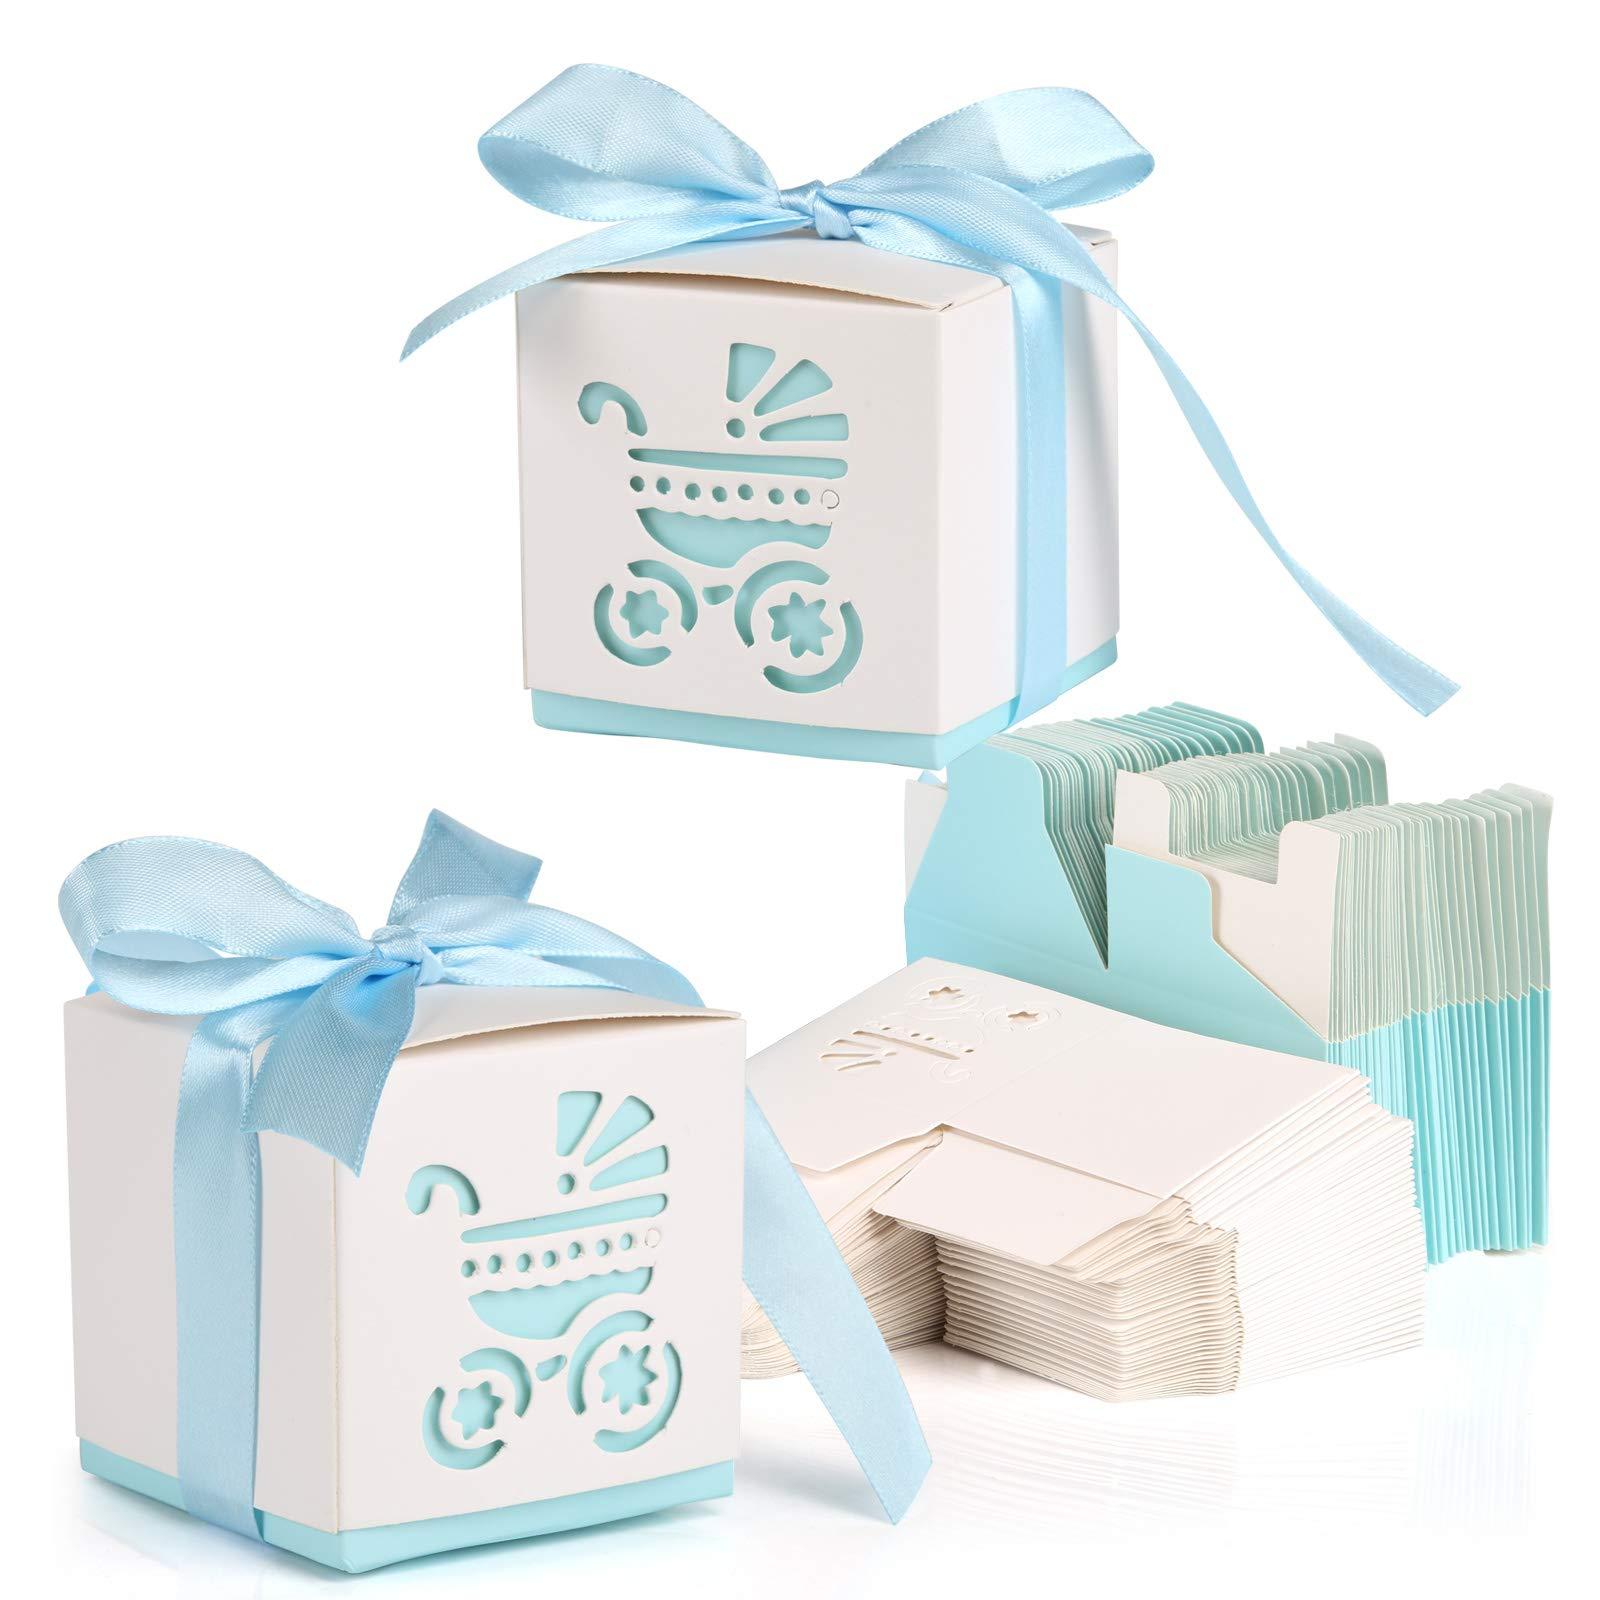 Kesote 50 Cajas de Papel para Dulces Bombones Cajas de Caramelos Bautizos Cumpleaños Baby Shower Comunion Regalo con 50 Cintas, 6 x 6X 6 CM: Amazon.es: Juguetes y juegos